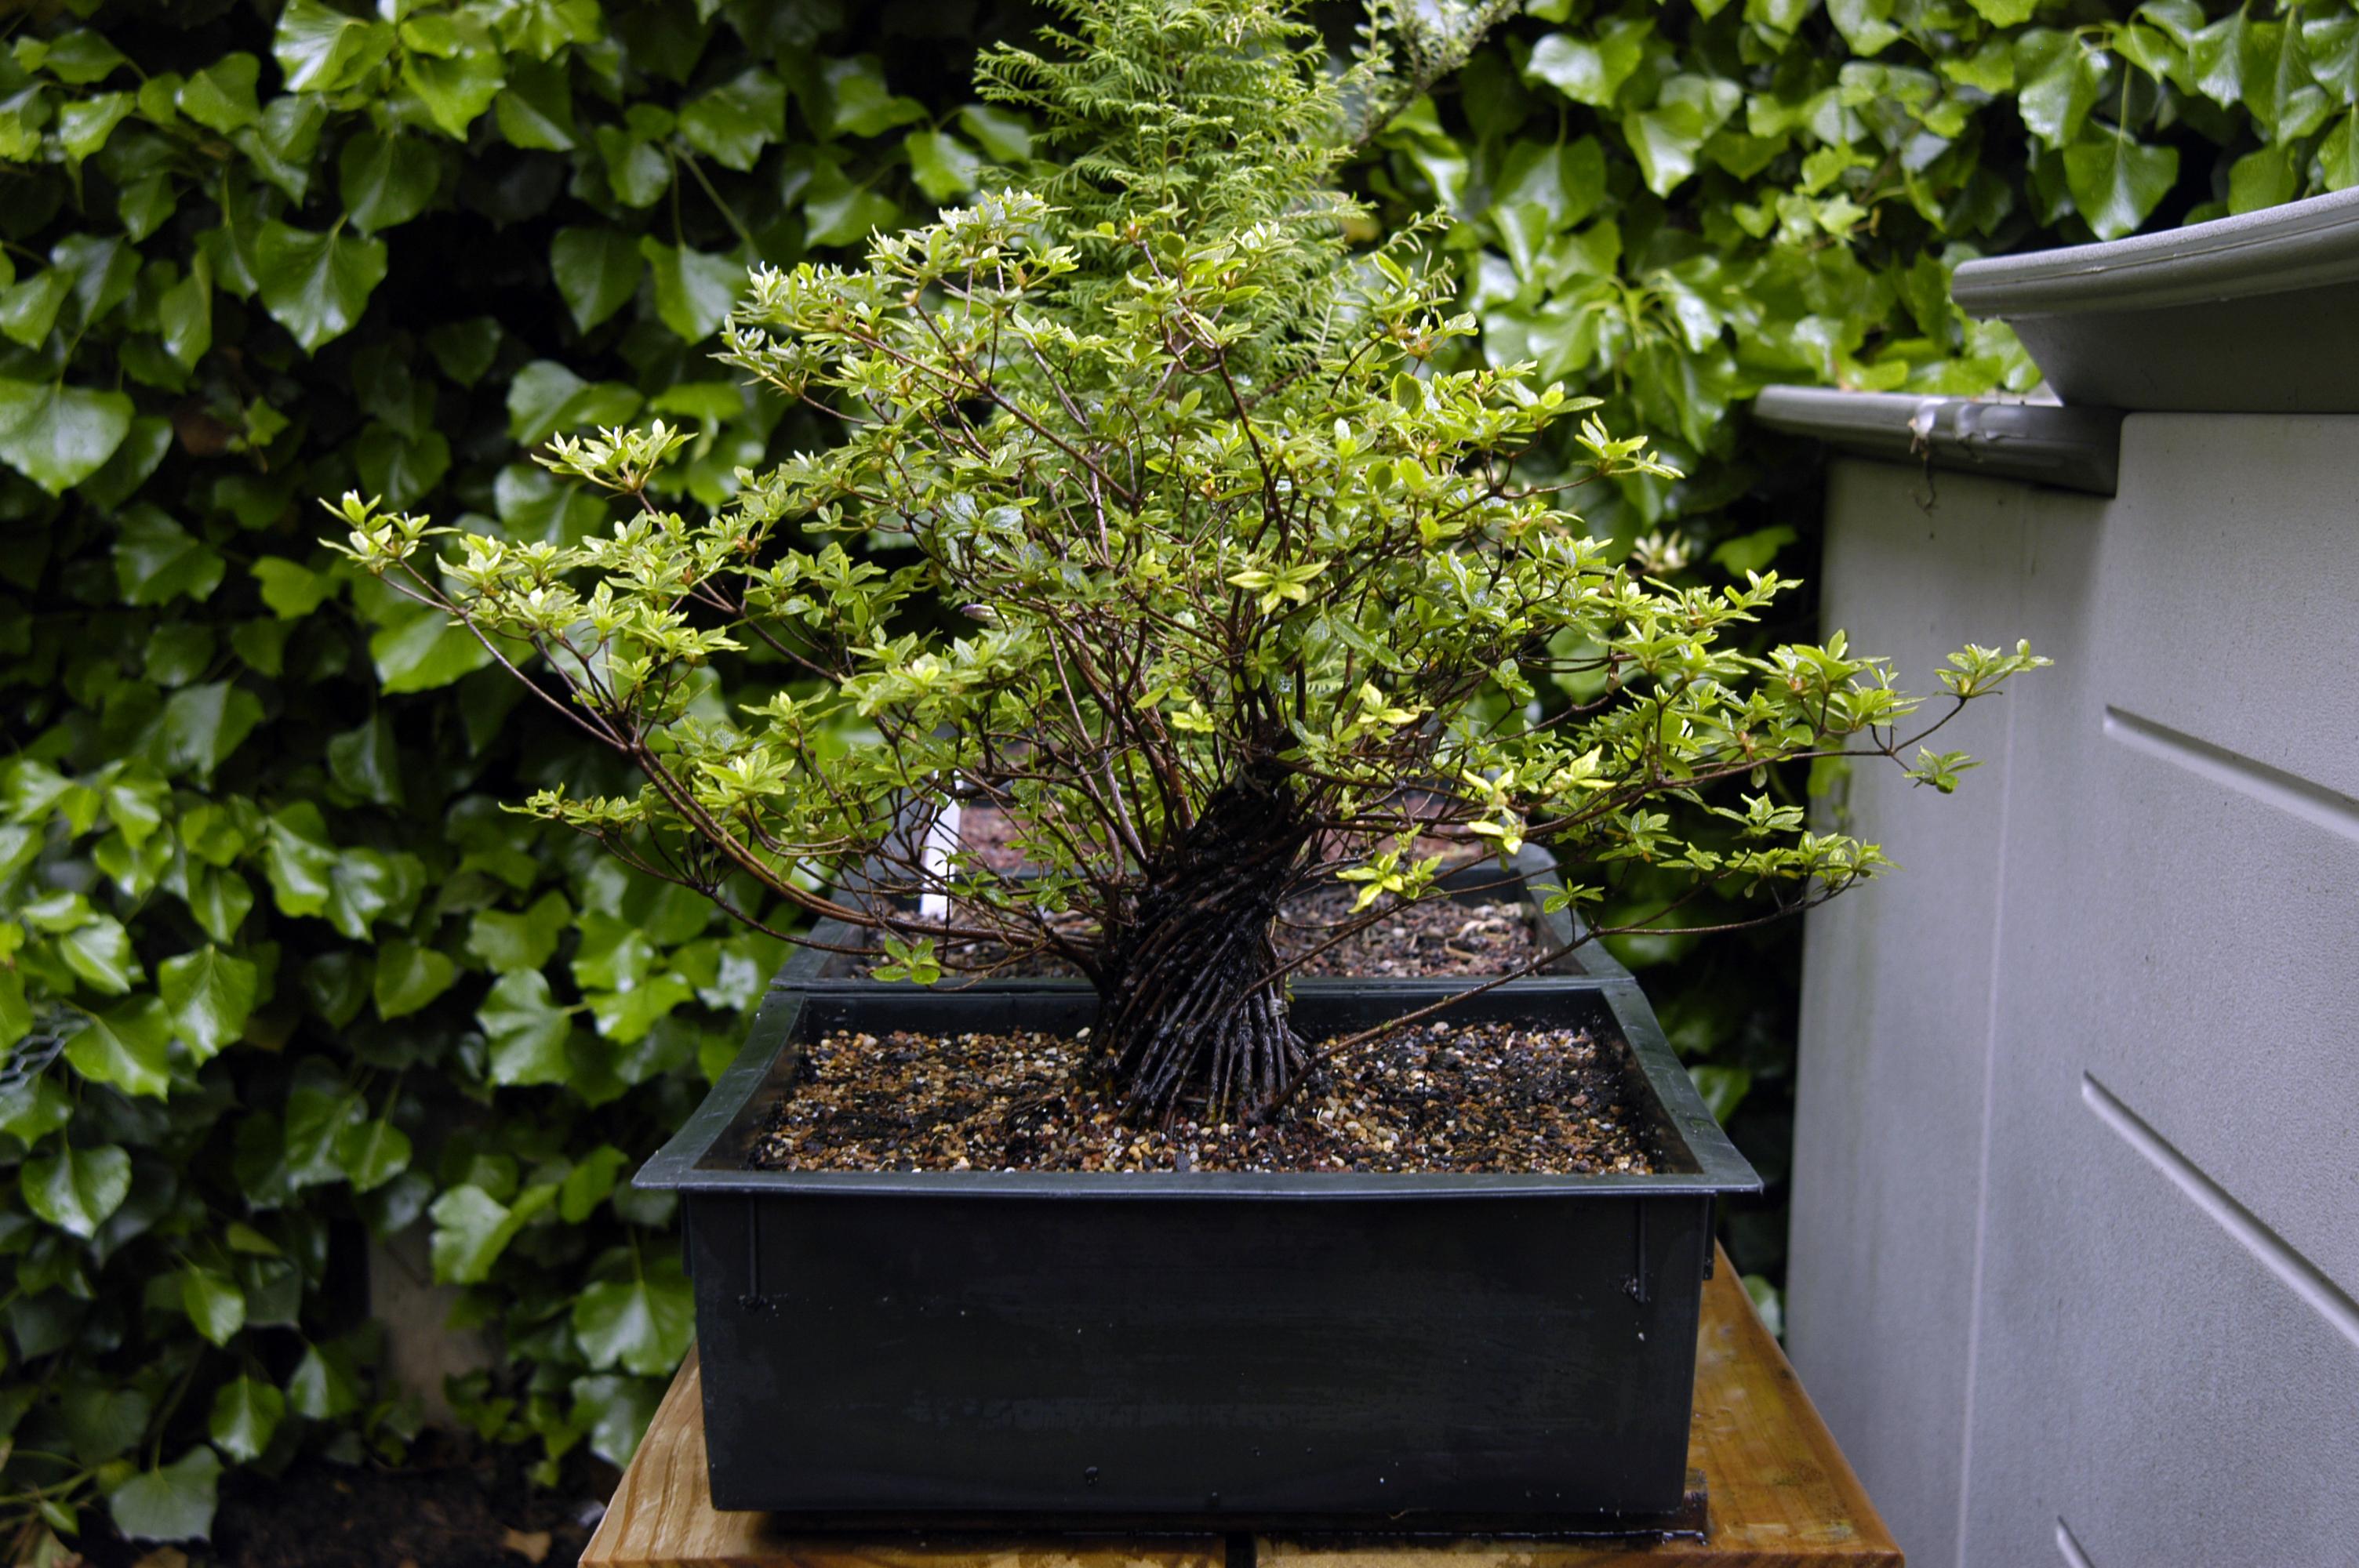 mangetsu azalea fusion fusion bonsai